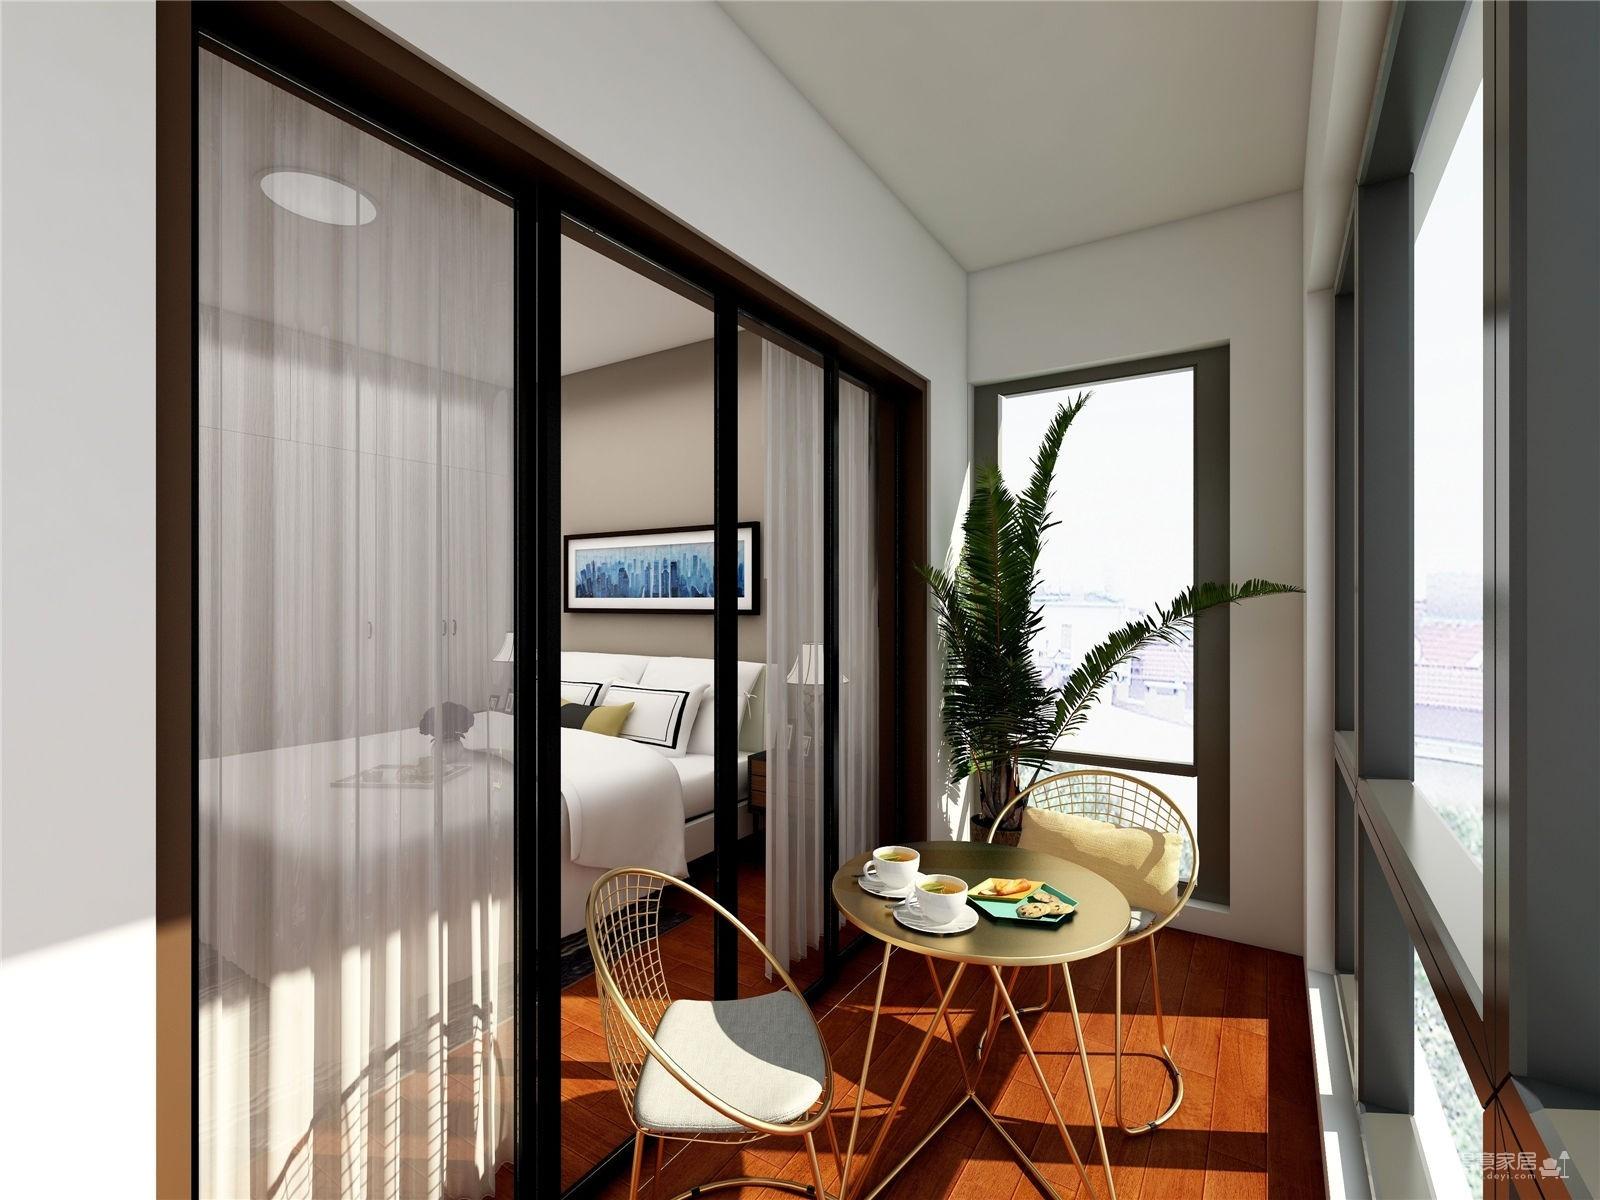 139㎡三室二厅后现代风打造优雅明媚的家